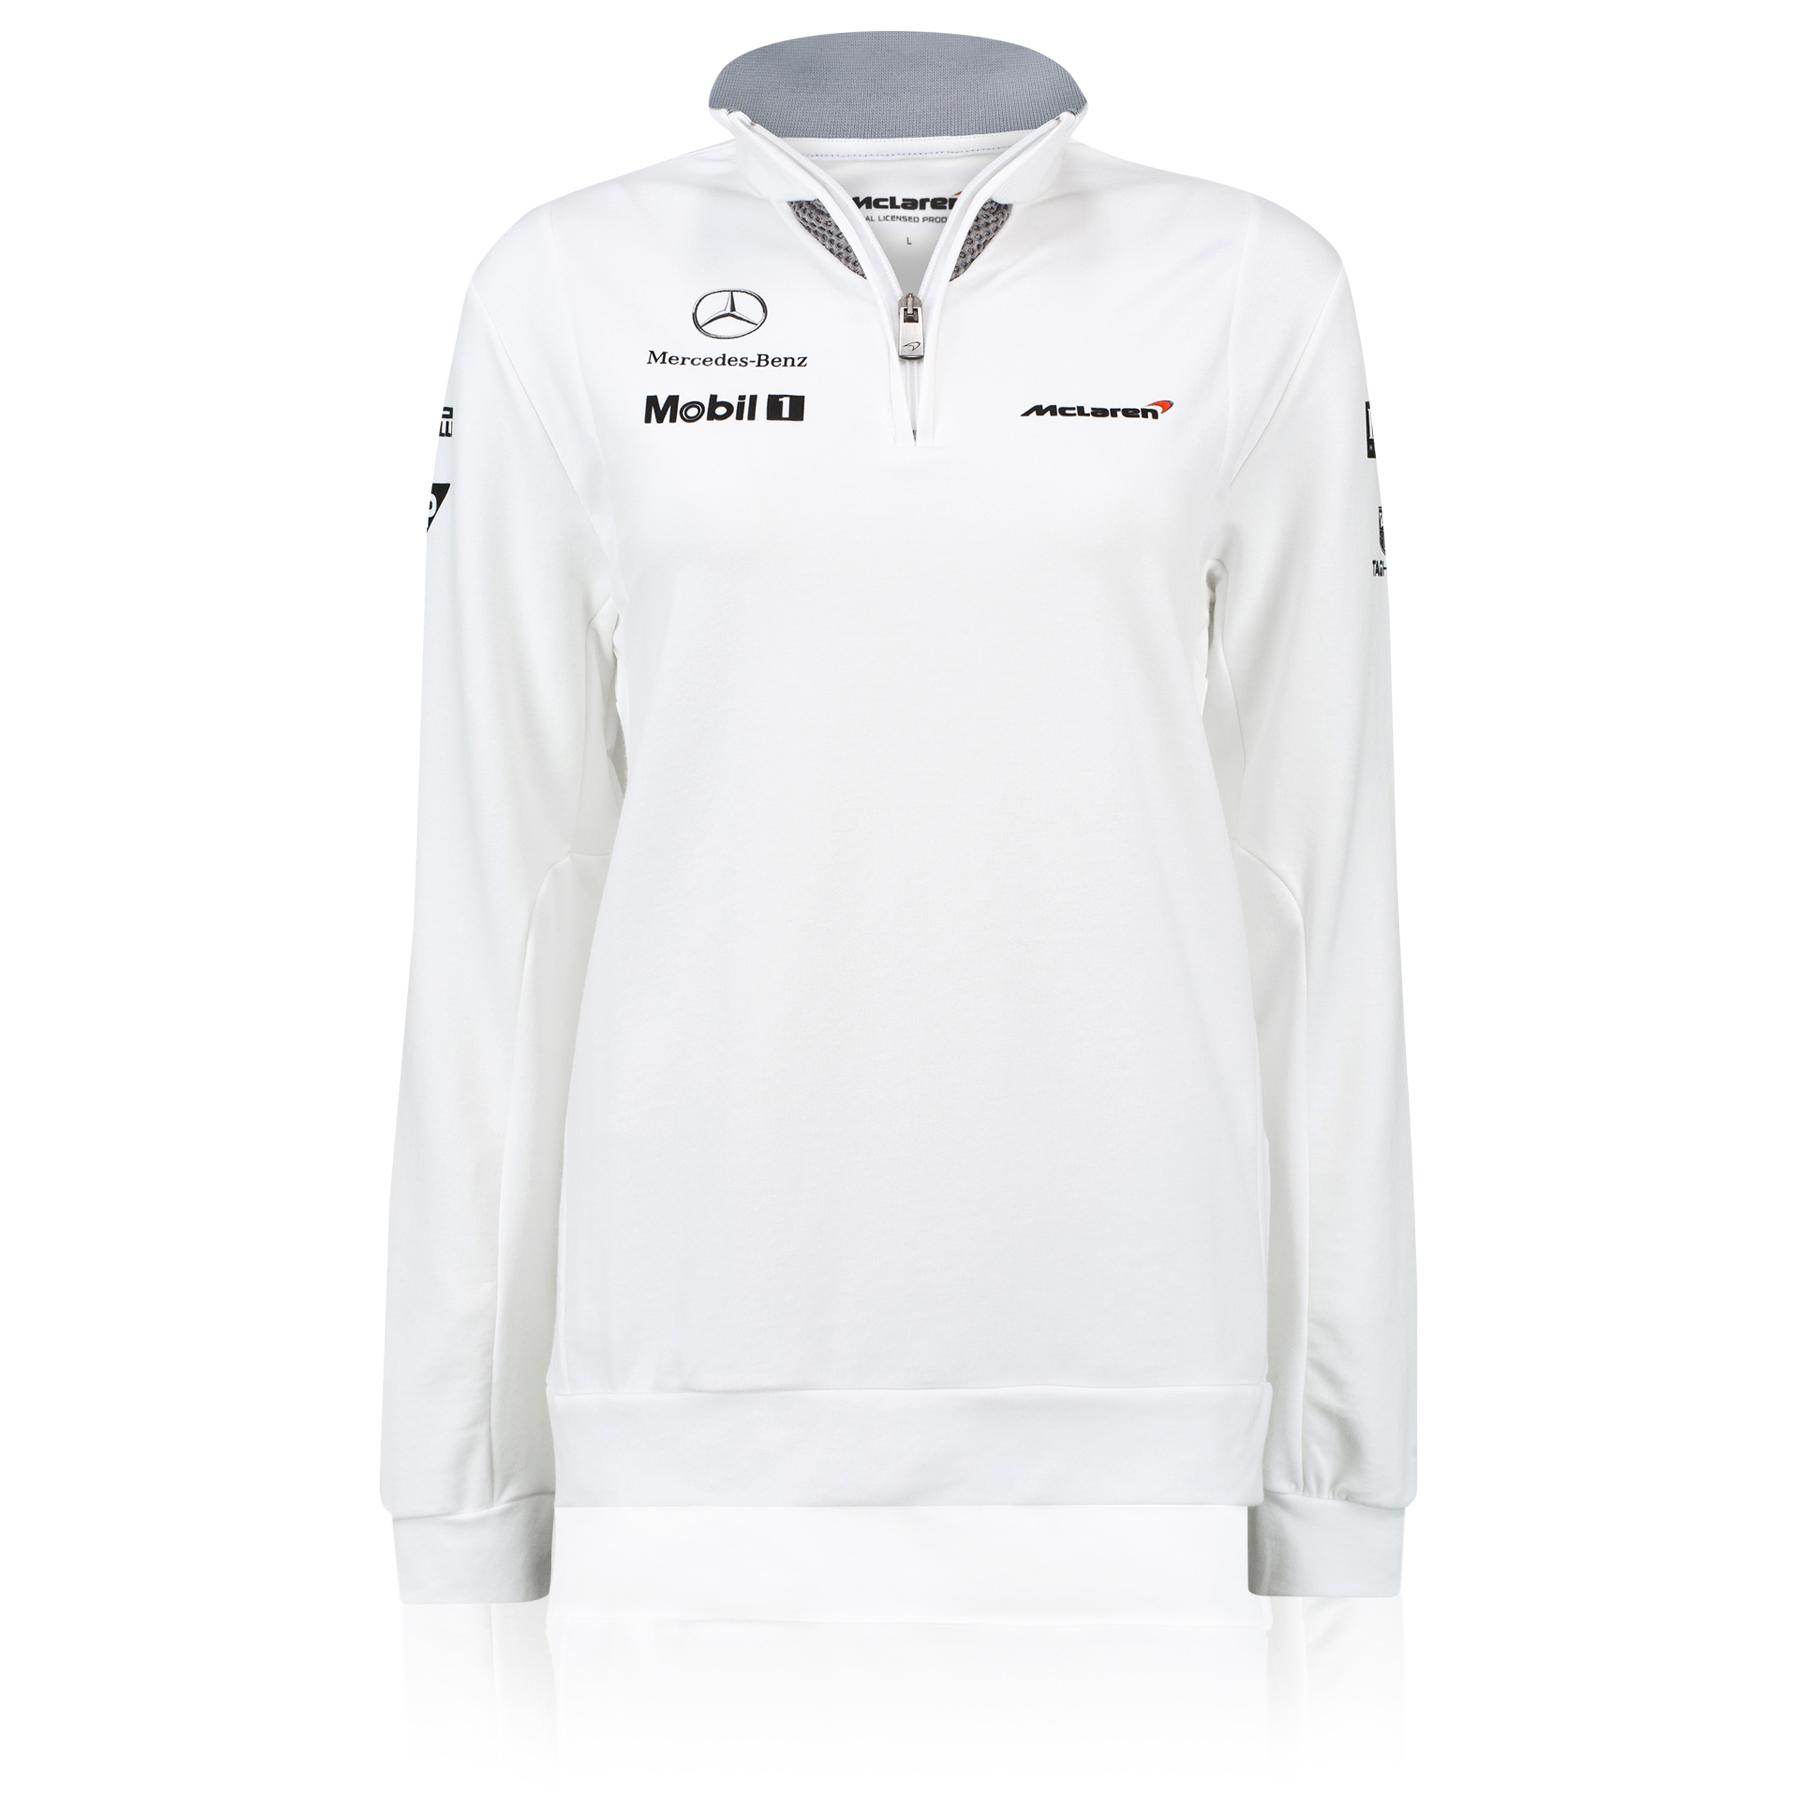 McLaren Mercedes 2014 Long Sleeve Top - Womens